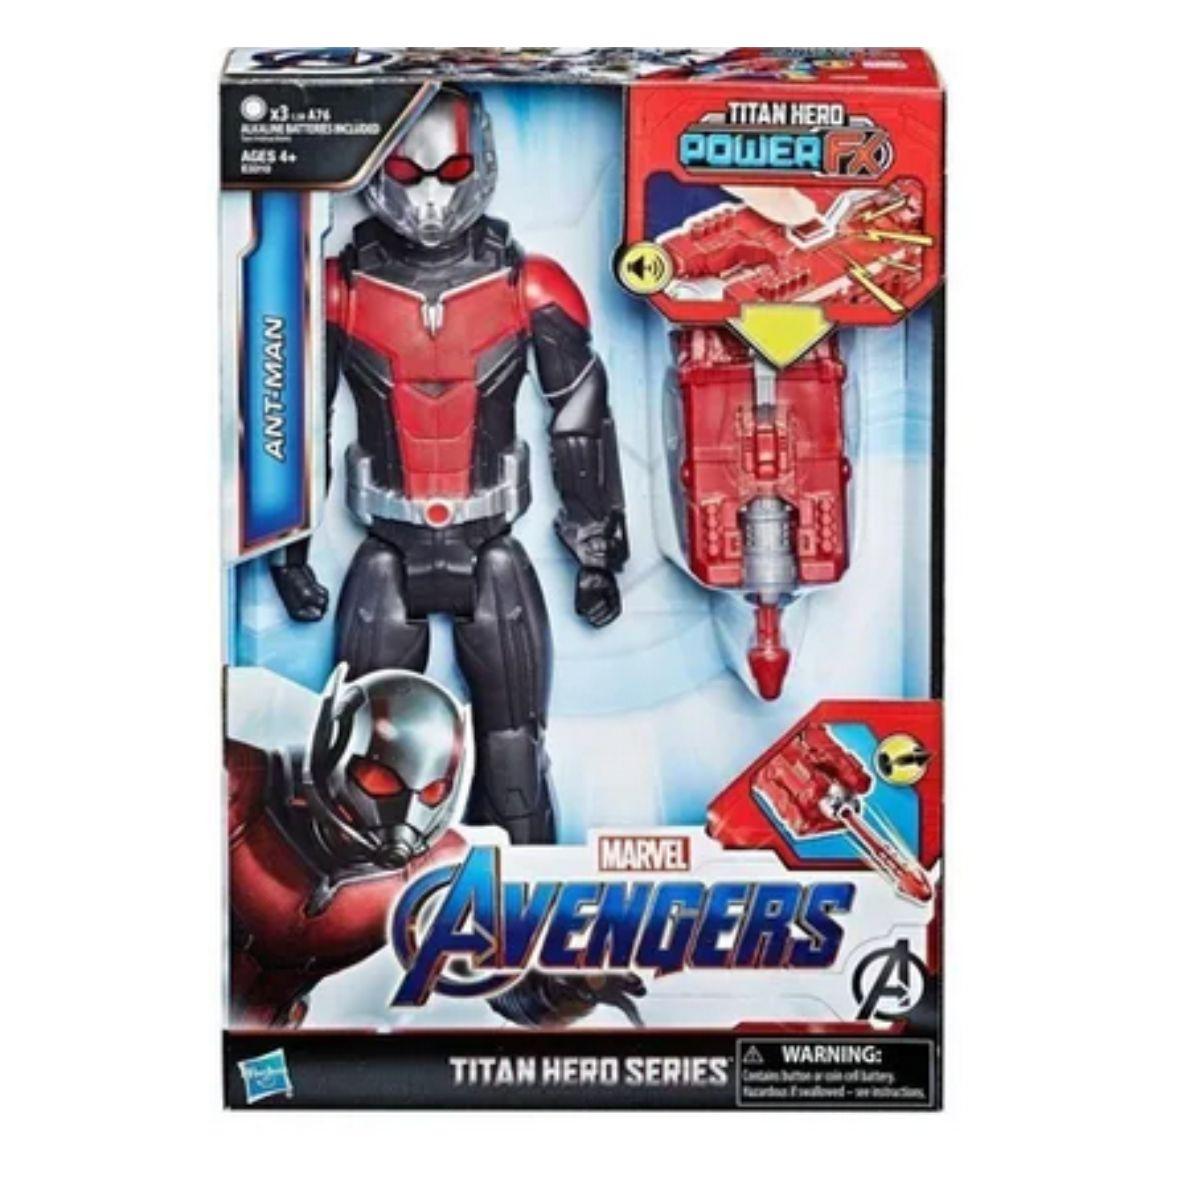 Boneco Eletrônico Articulado Titan Hero Homem-Formiga Avengers - Hasbro